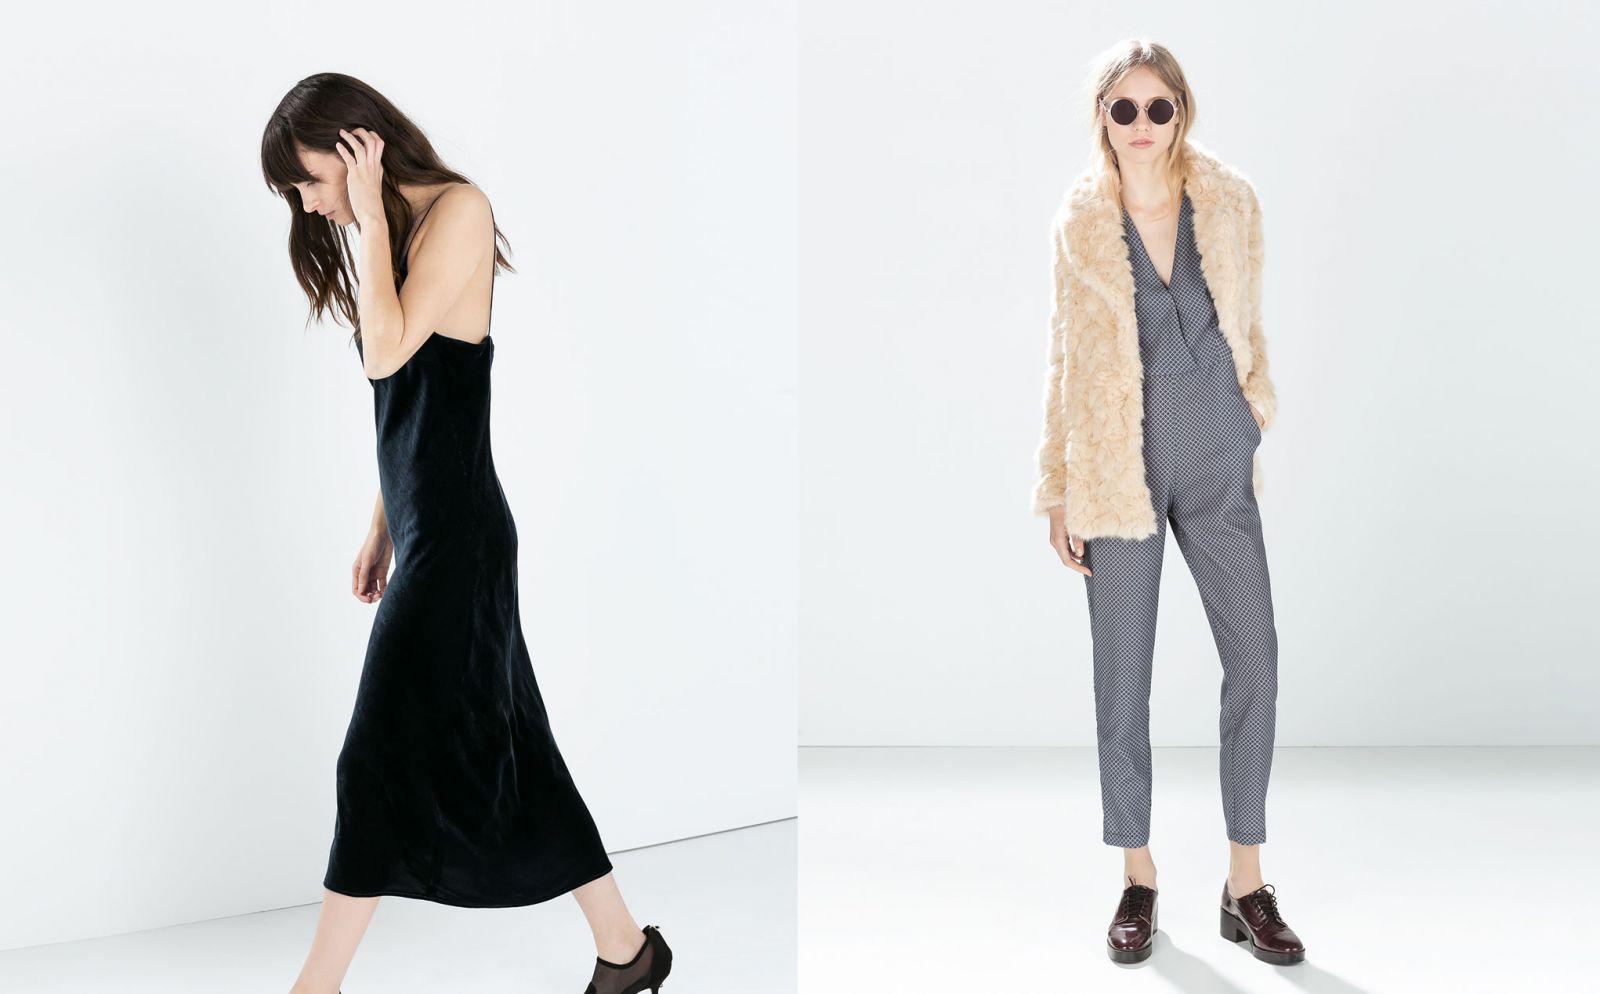 В чем встречать новый год дома: одежда в бельевом стиле - фото №1